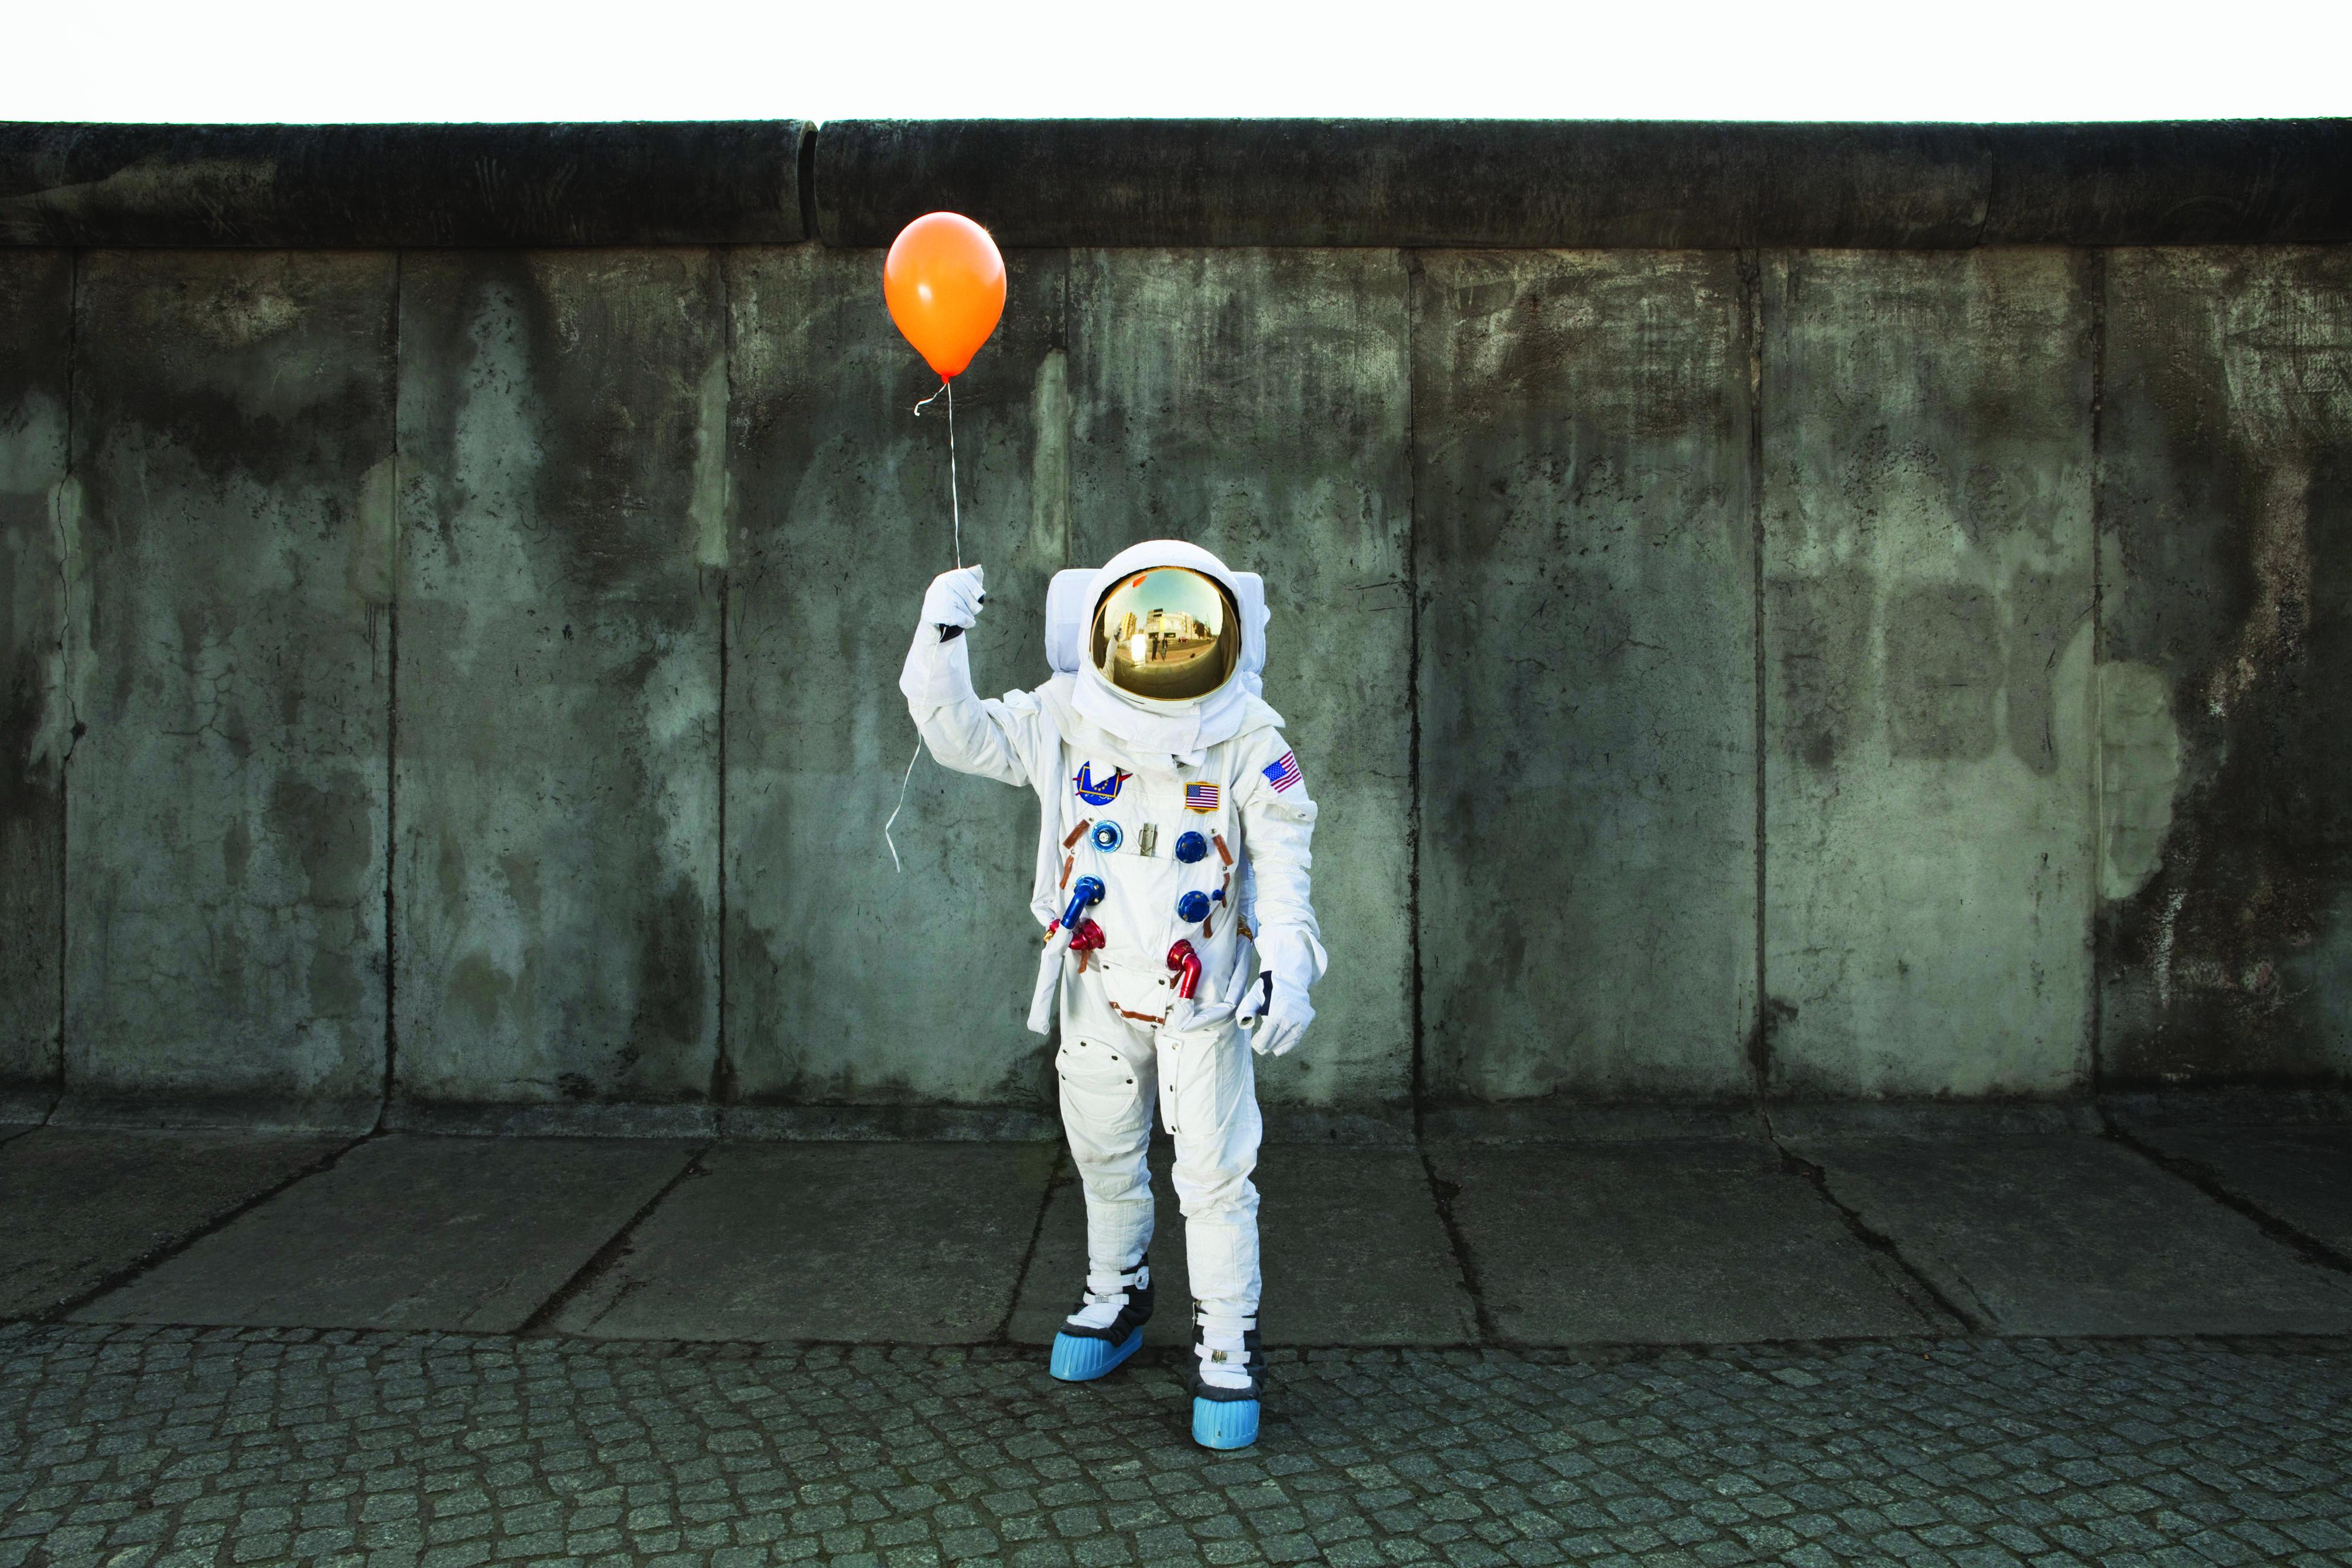 astronaut-balloon